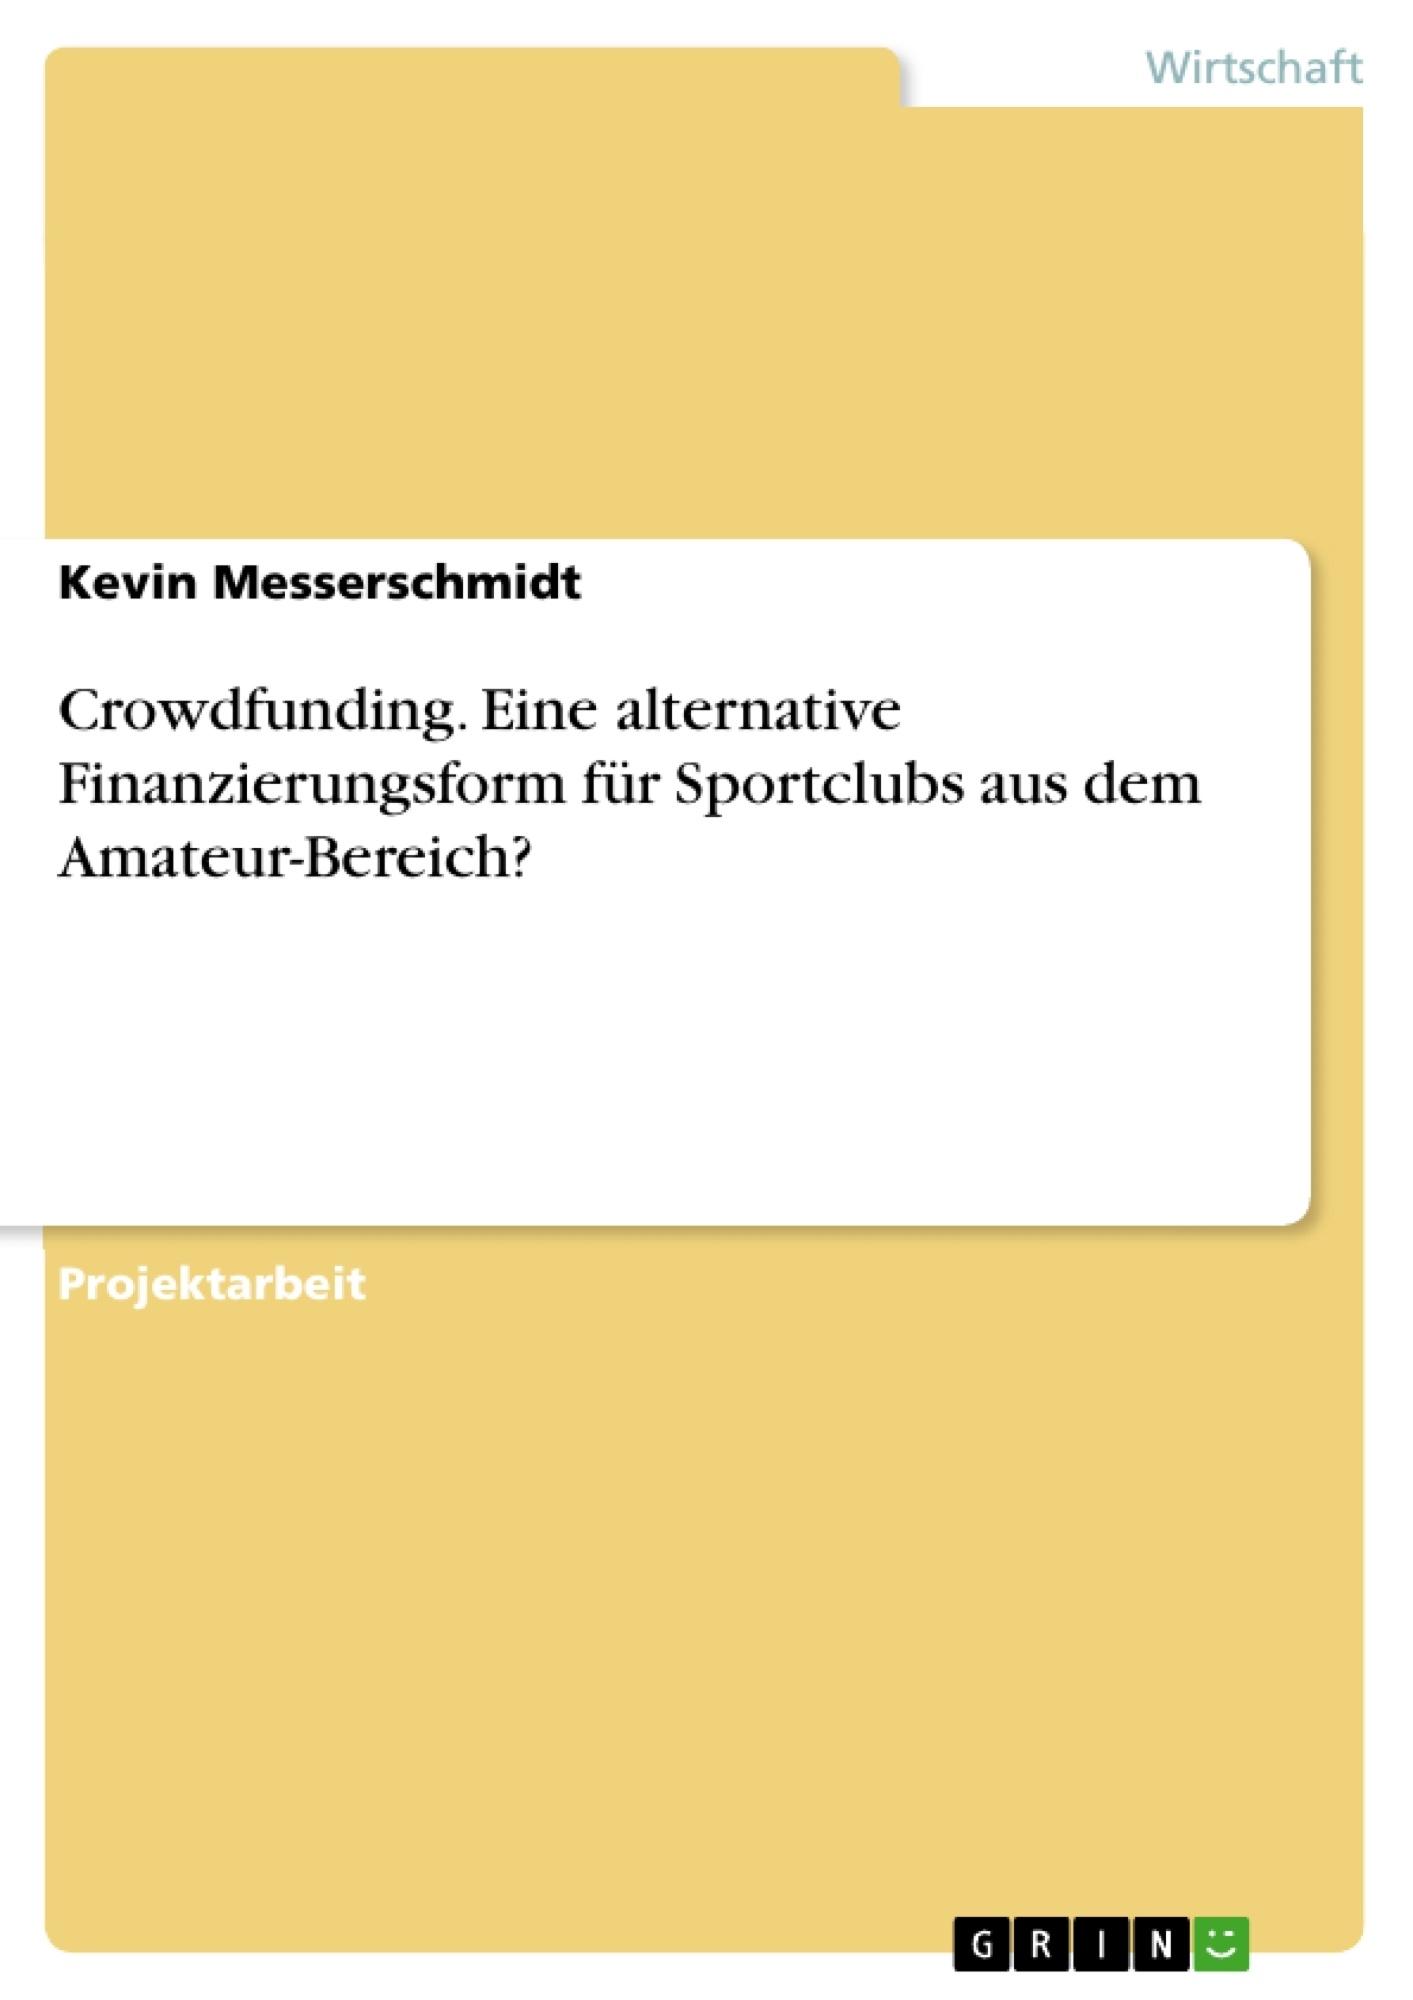 Titel: Crowdfunding. Eine alternative Finanzierungsform für Sportclubs aus dem Amateur-Bereich?